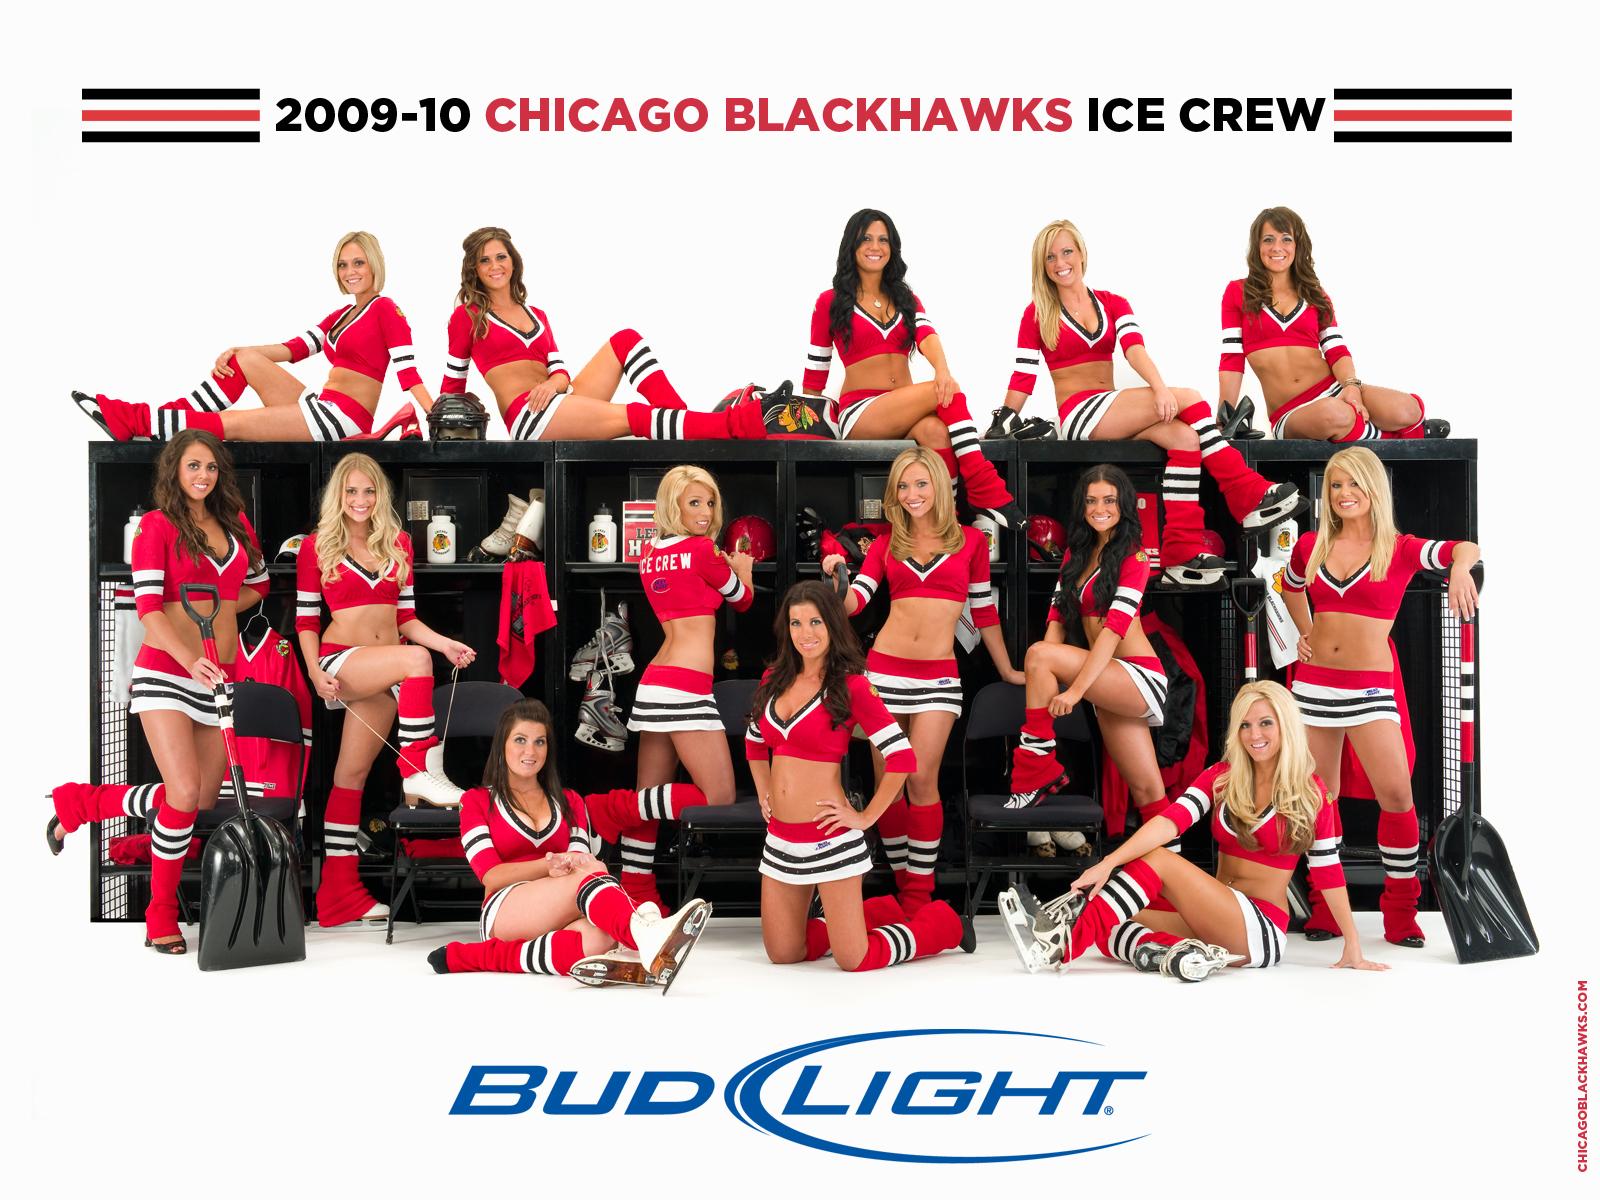 Порнуха про хоккей 12 фотография